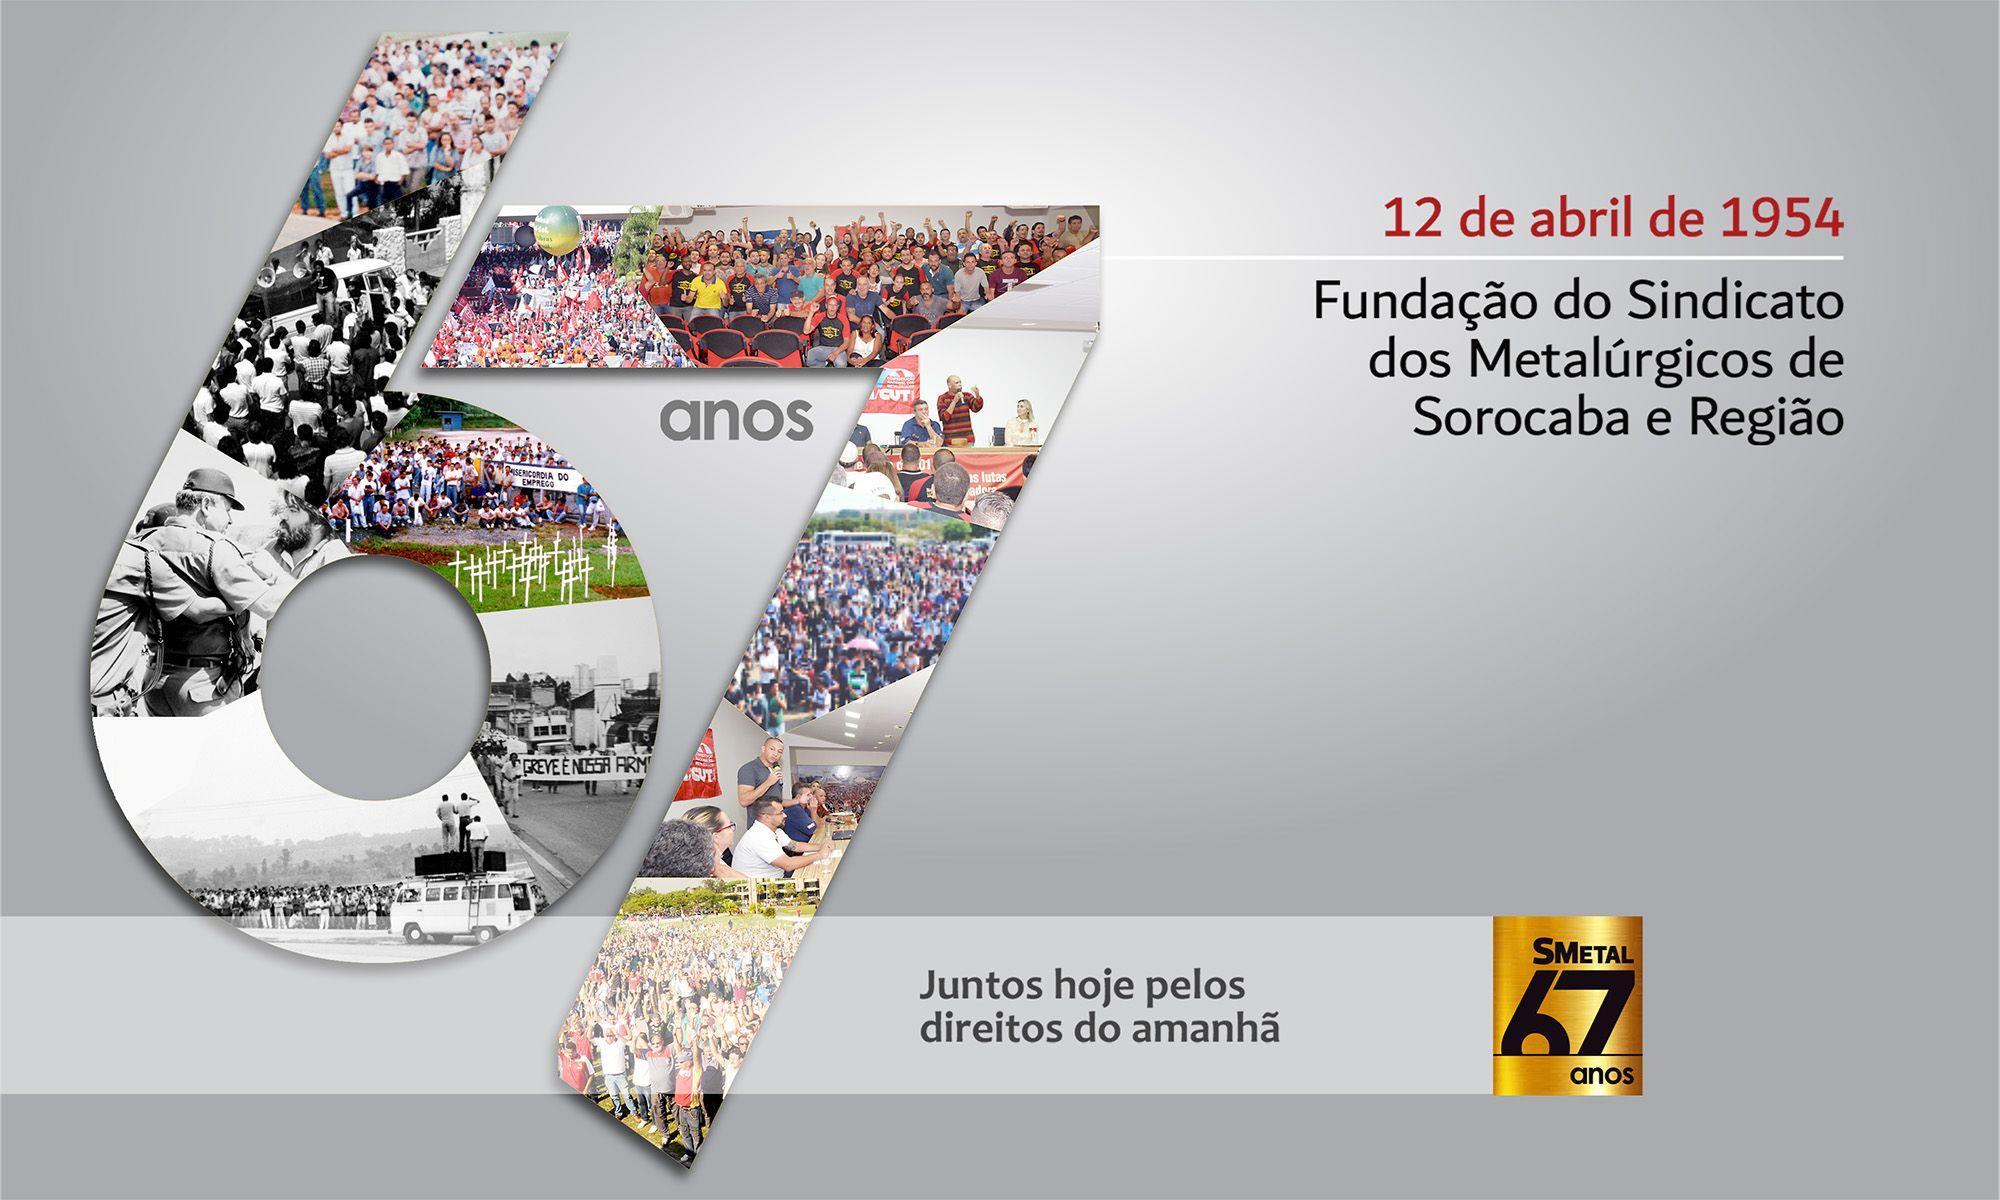 aniversário, smetal, sorocaba, sindicato, 67 anos,, Arte: Cassio Freire/Imprensa SMetal